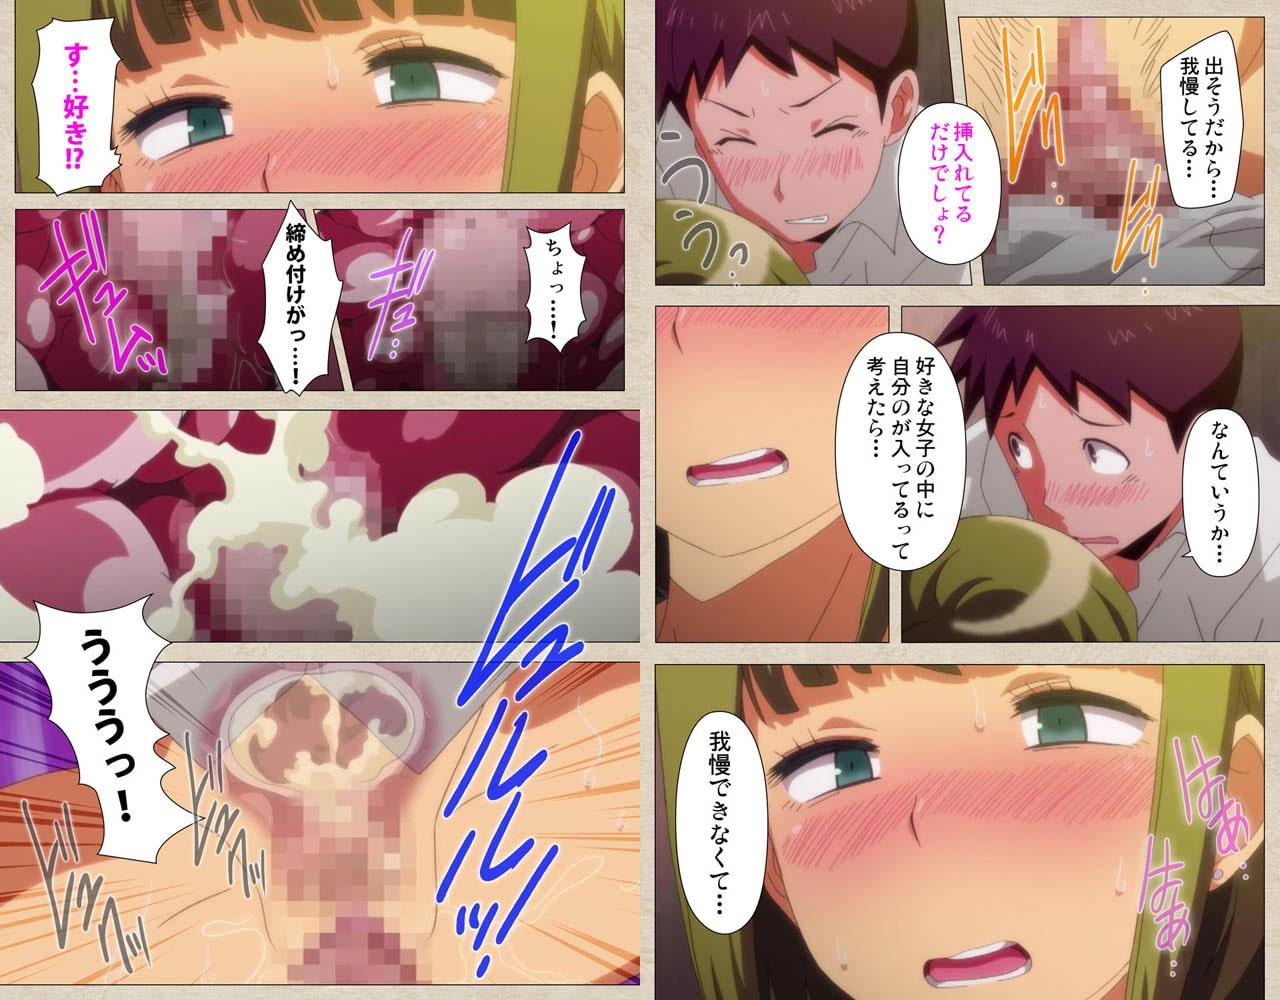 【フルカラー成人版】アノコトイイコト 第1話 こんな胸でも愛されたい!! Complete版